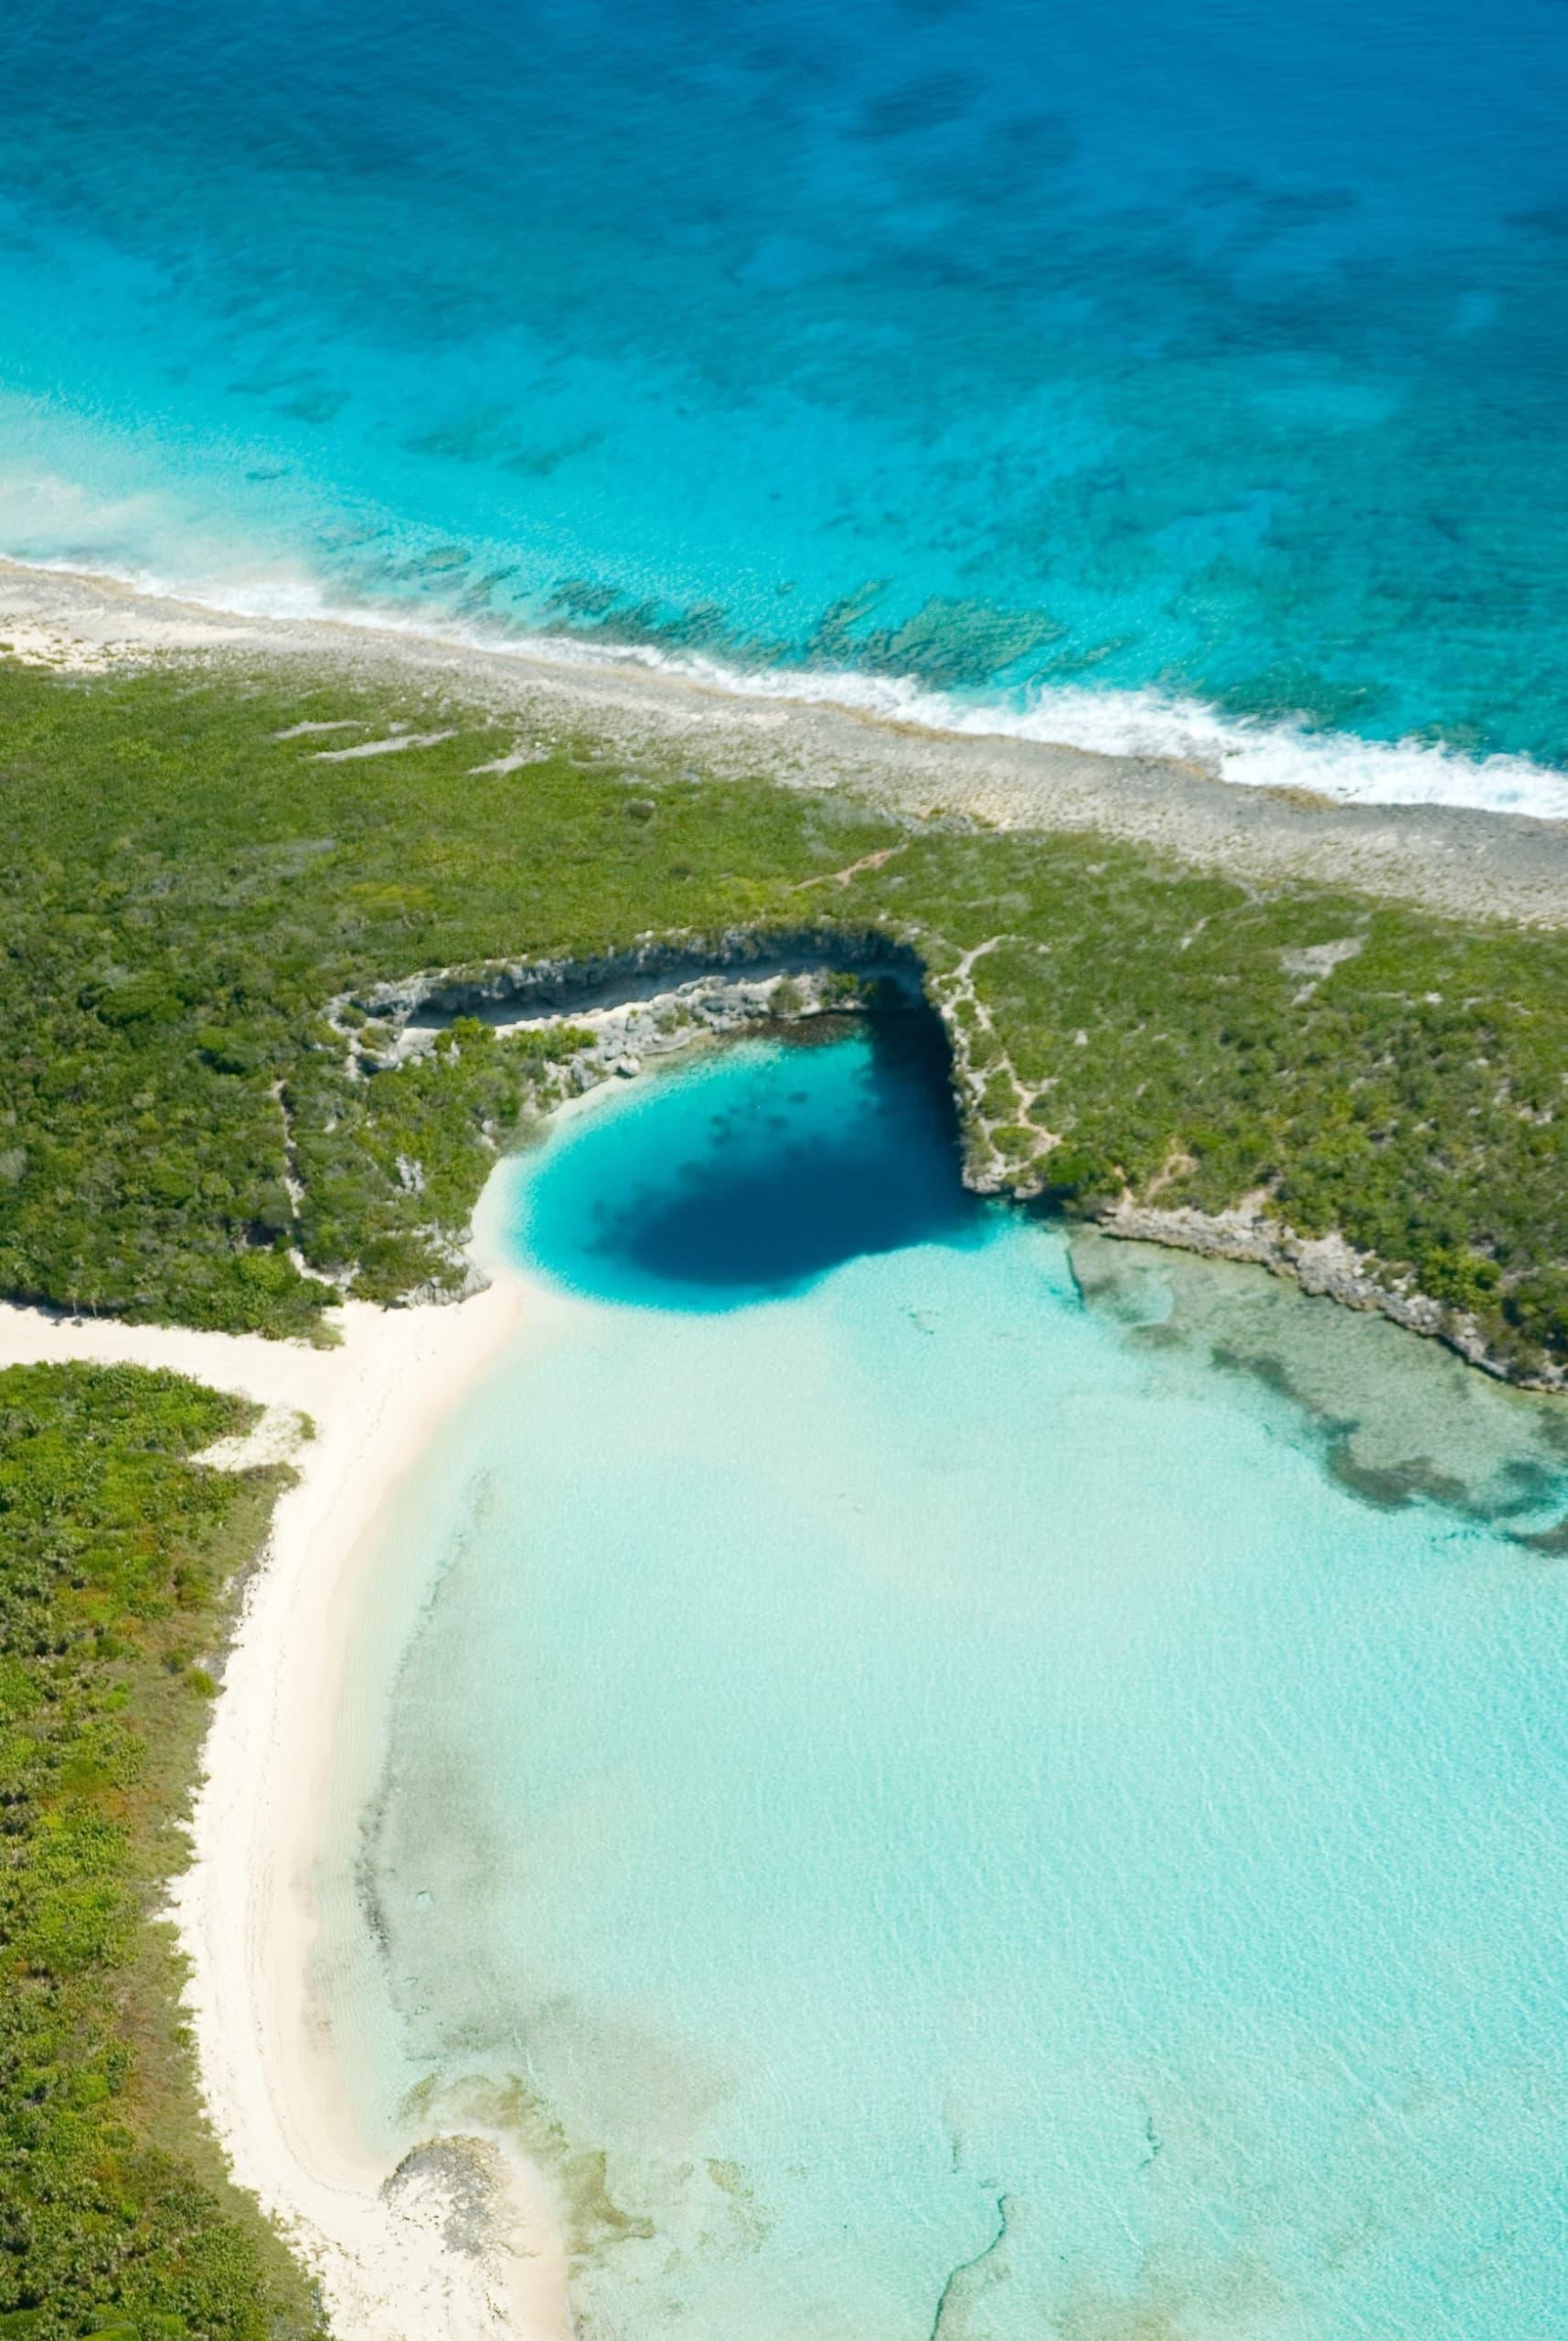 Deans Blue Hole: Ein türkisfarbenes Wasserloch kurz vor der Küste einer Bahamas-Insel